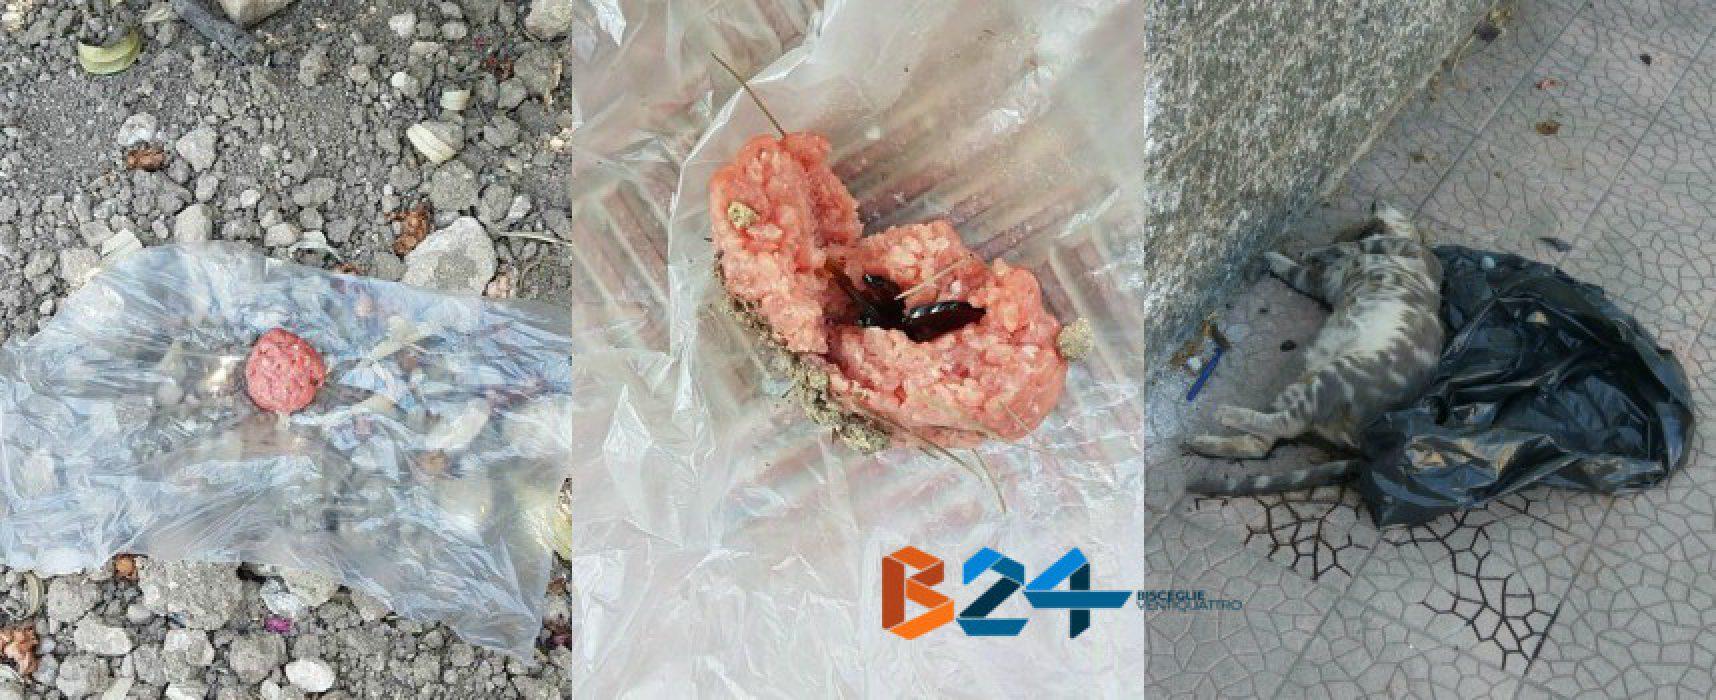 Esche di carne contenenti pezzi di vetro ritrovate nel quartiere Sant'Andrea